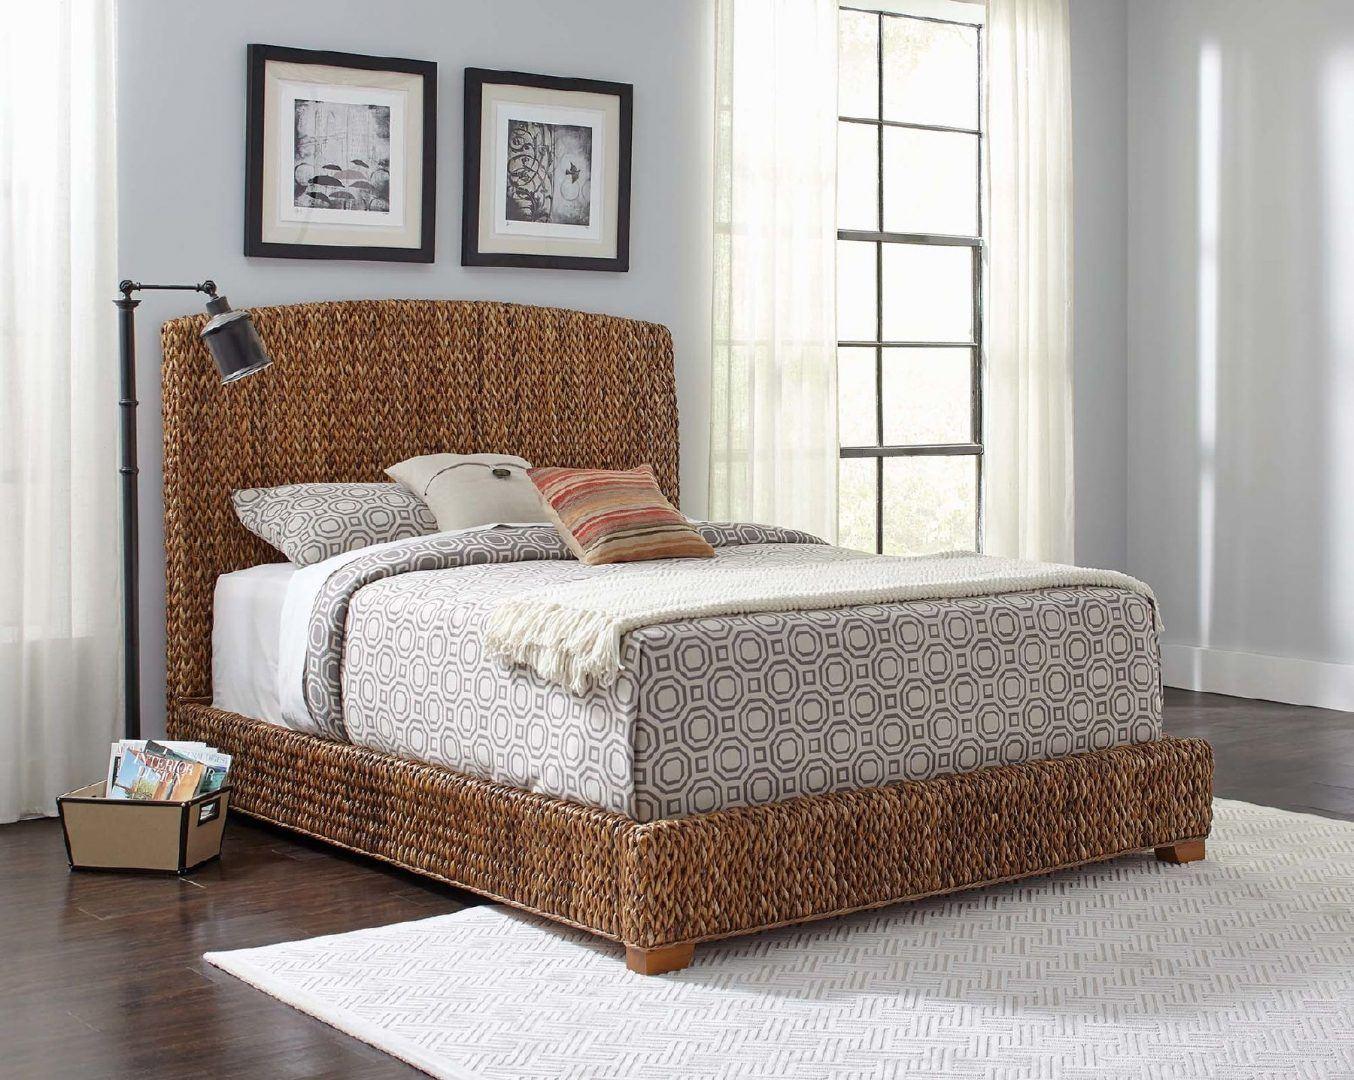 Banánlevél ágy - Fonott bútorok